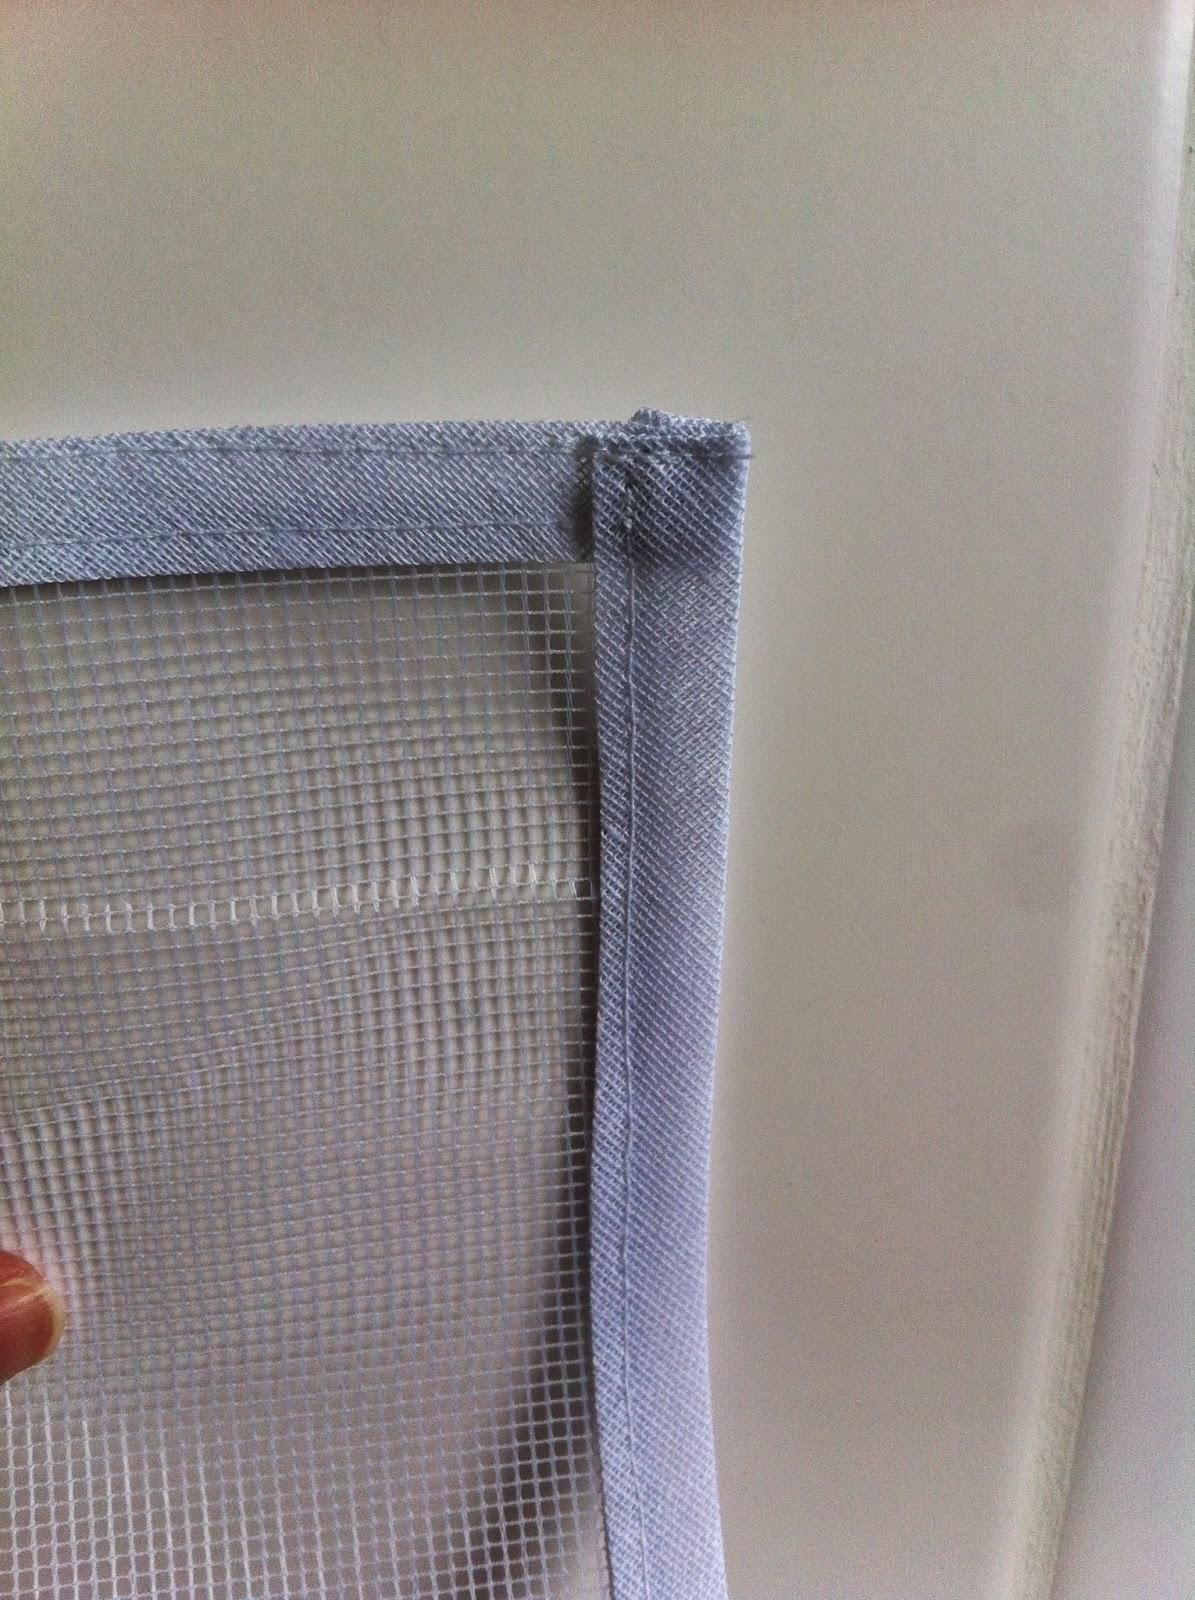 #684741 Apliquei o velcro em toda a beirada da tela. 690 Janelas Sasazaki Leroy Merlin